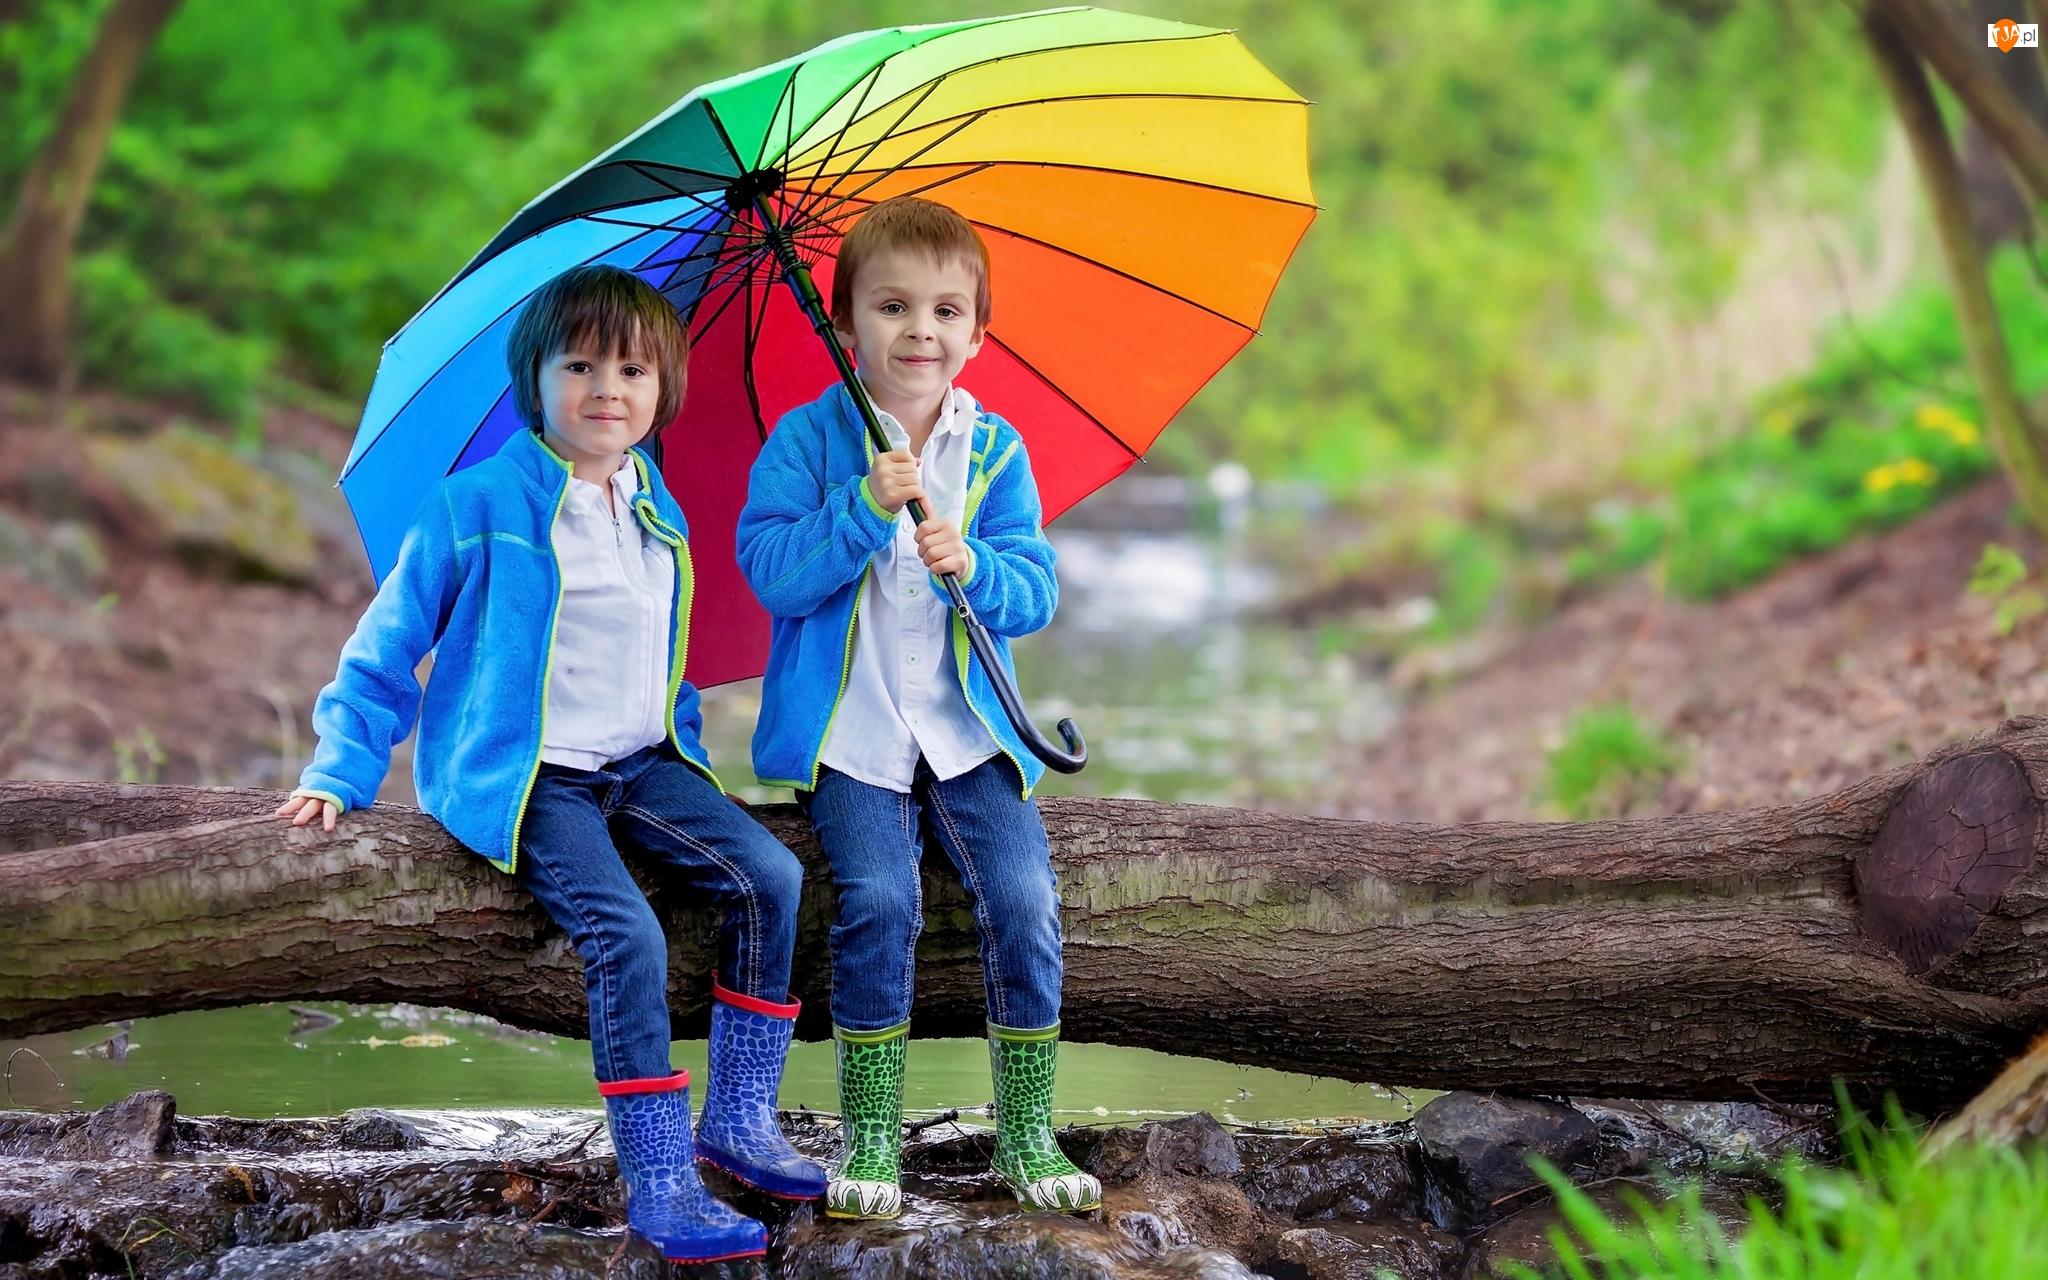 Drzewo, Dzieci, Chłopcy, Parasolka